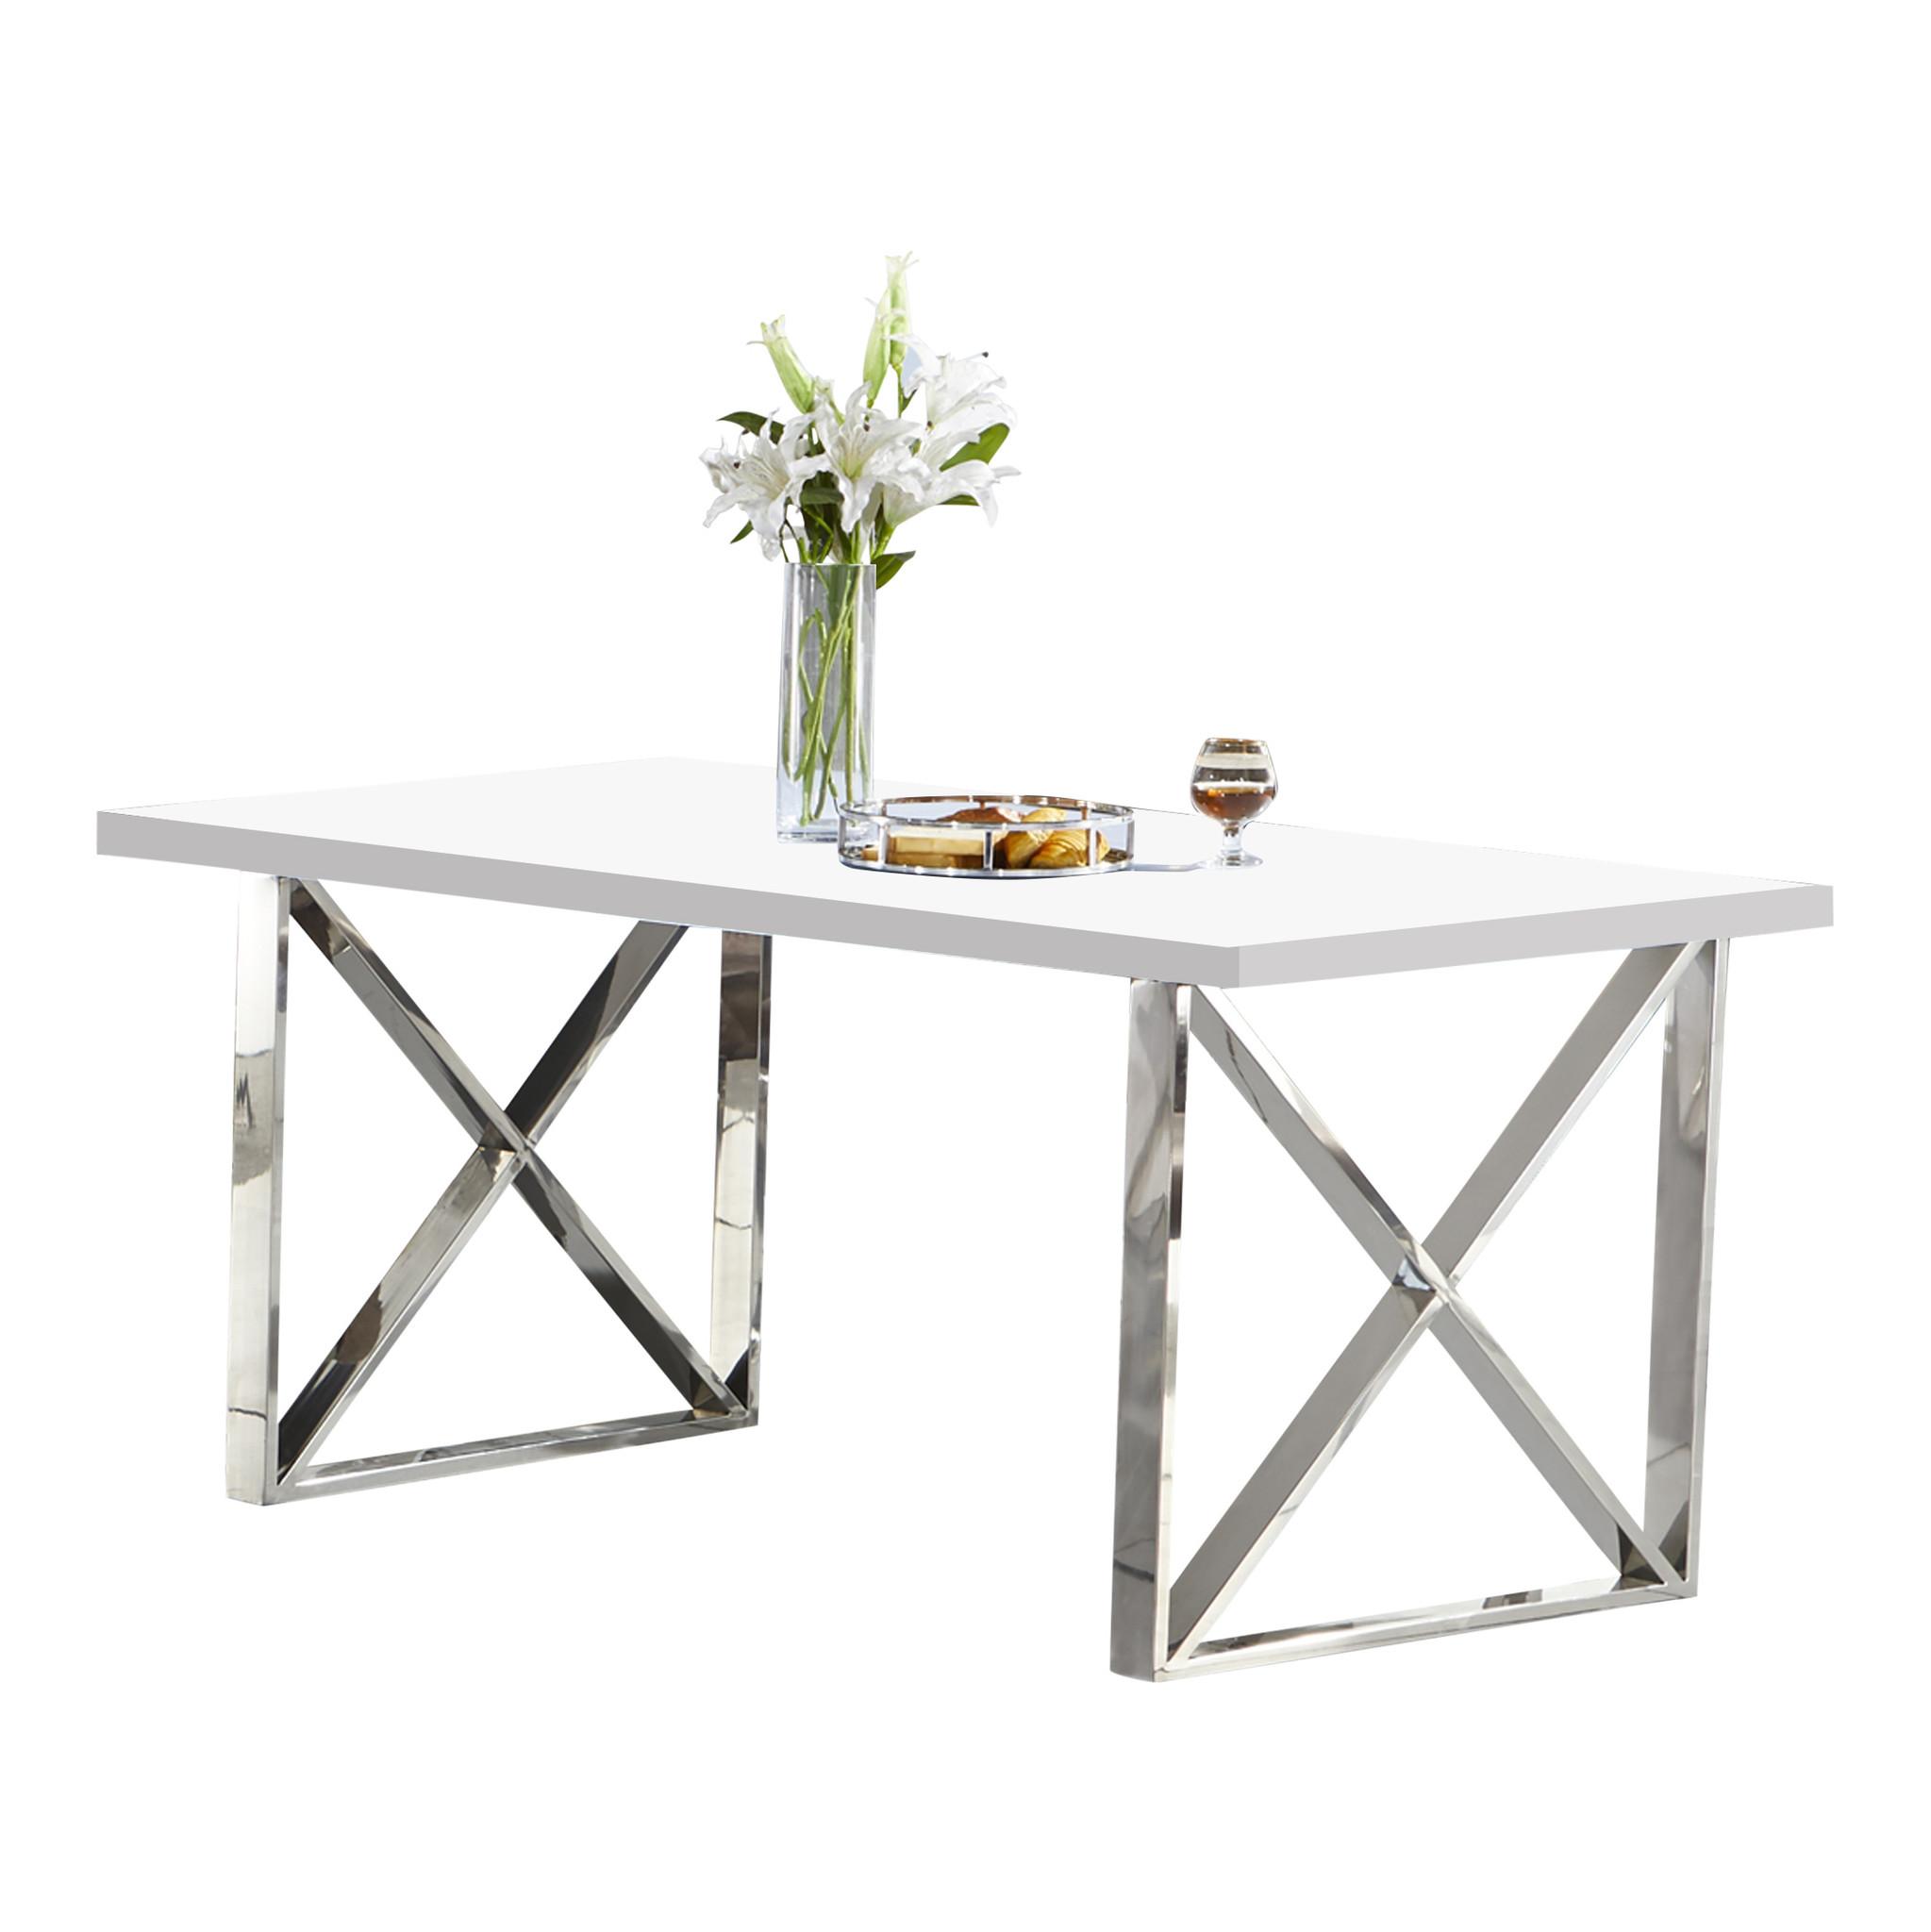 Moderne Witte Eettafel.Eettafel Met Een Witte Mdf Tafelblad Kopen Bekijk Deze Snel Op Bazaaronline Nl